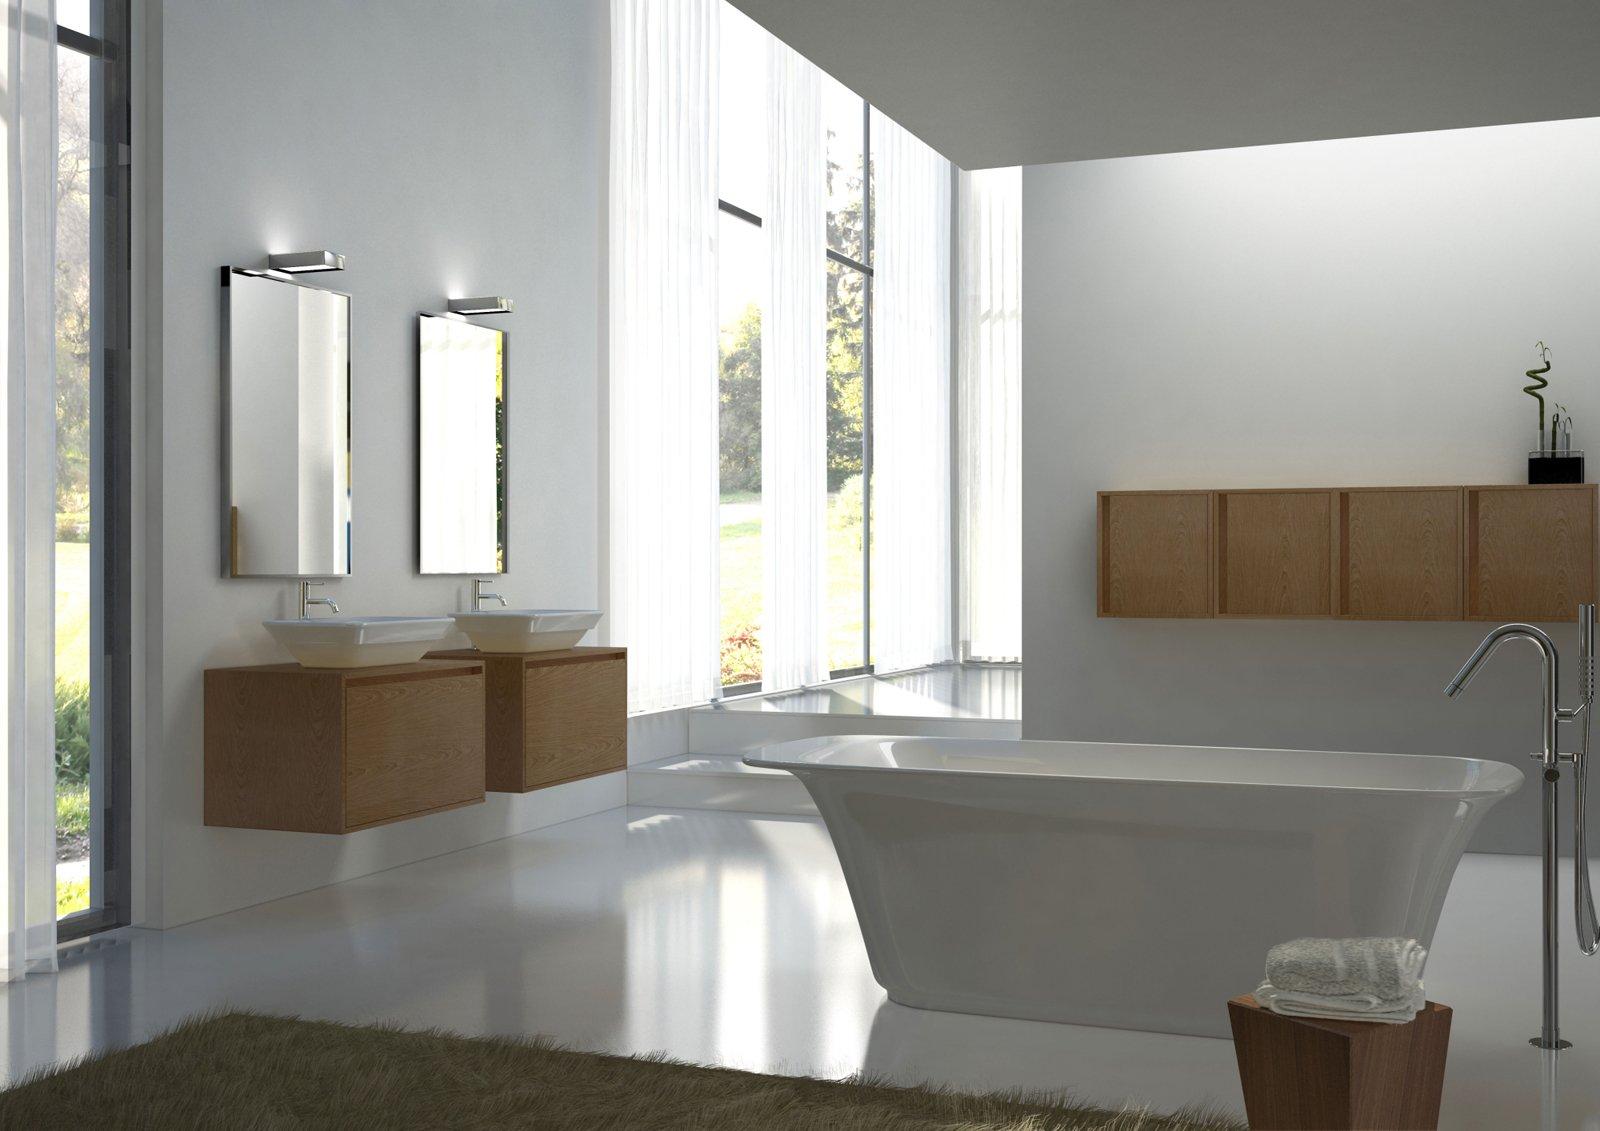 Bagno piccolo arredo componibile e salvaspazio cose di casa for Piccoli piani di casa francese